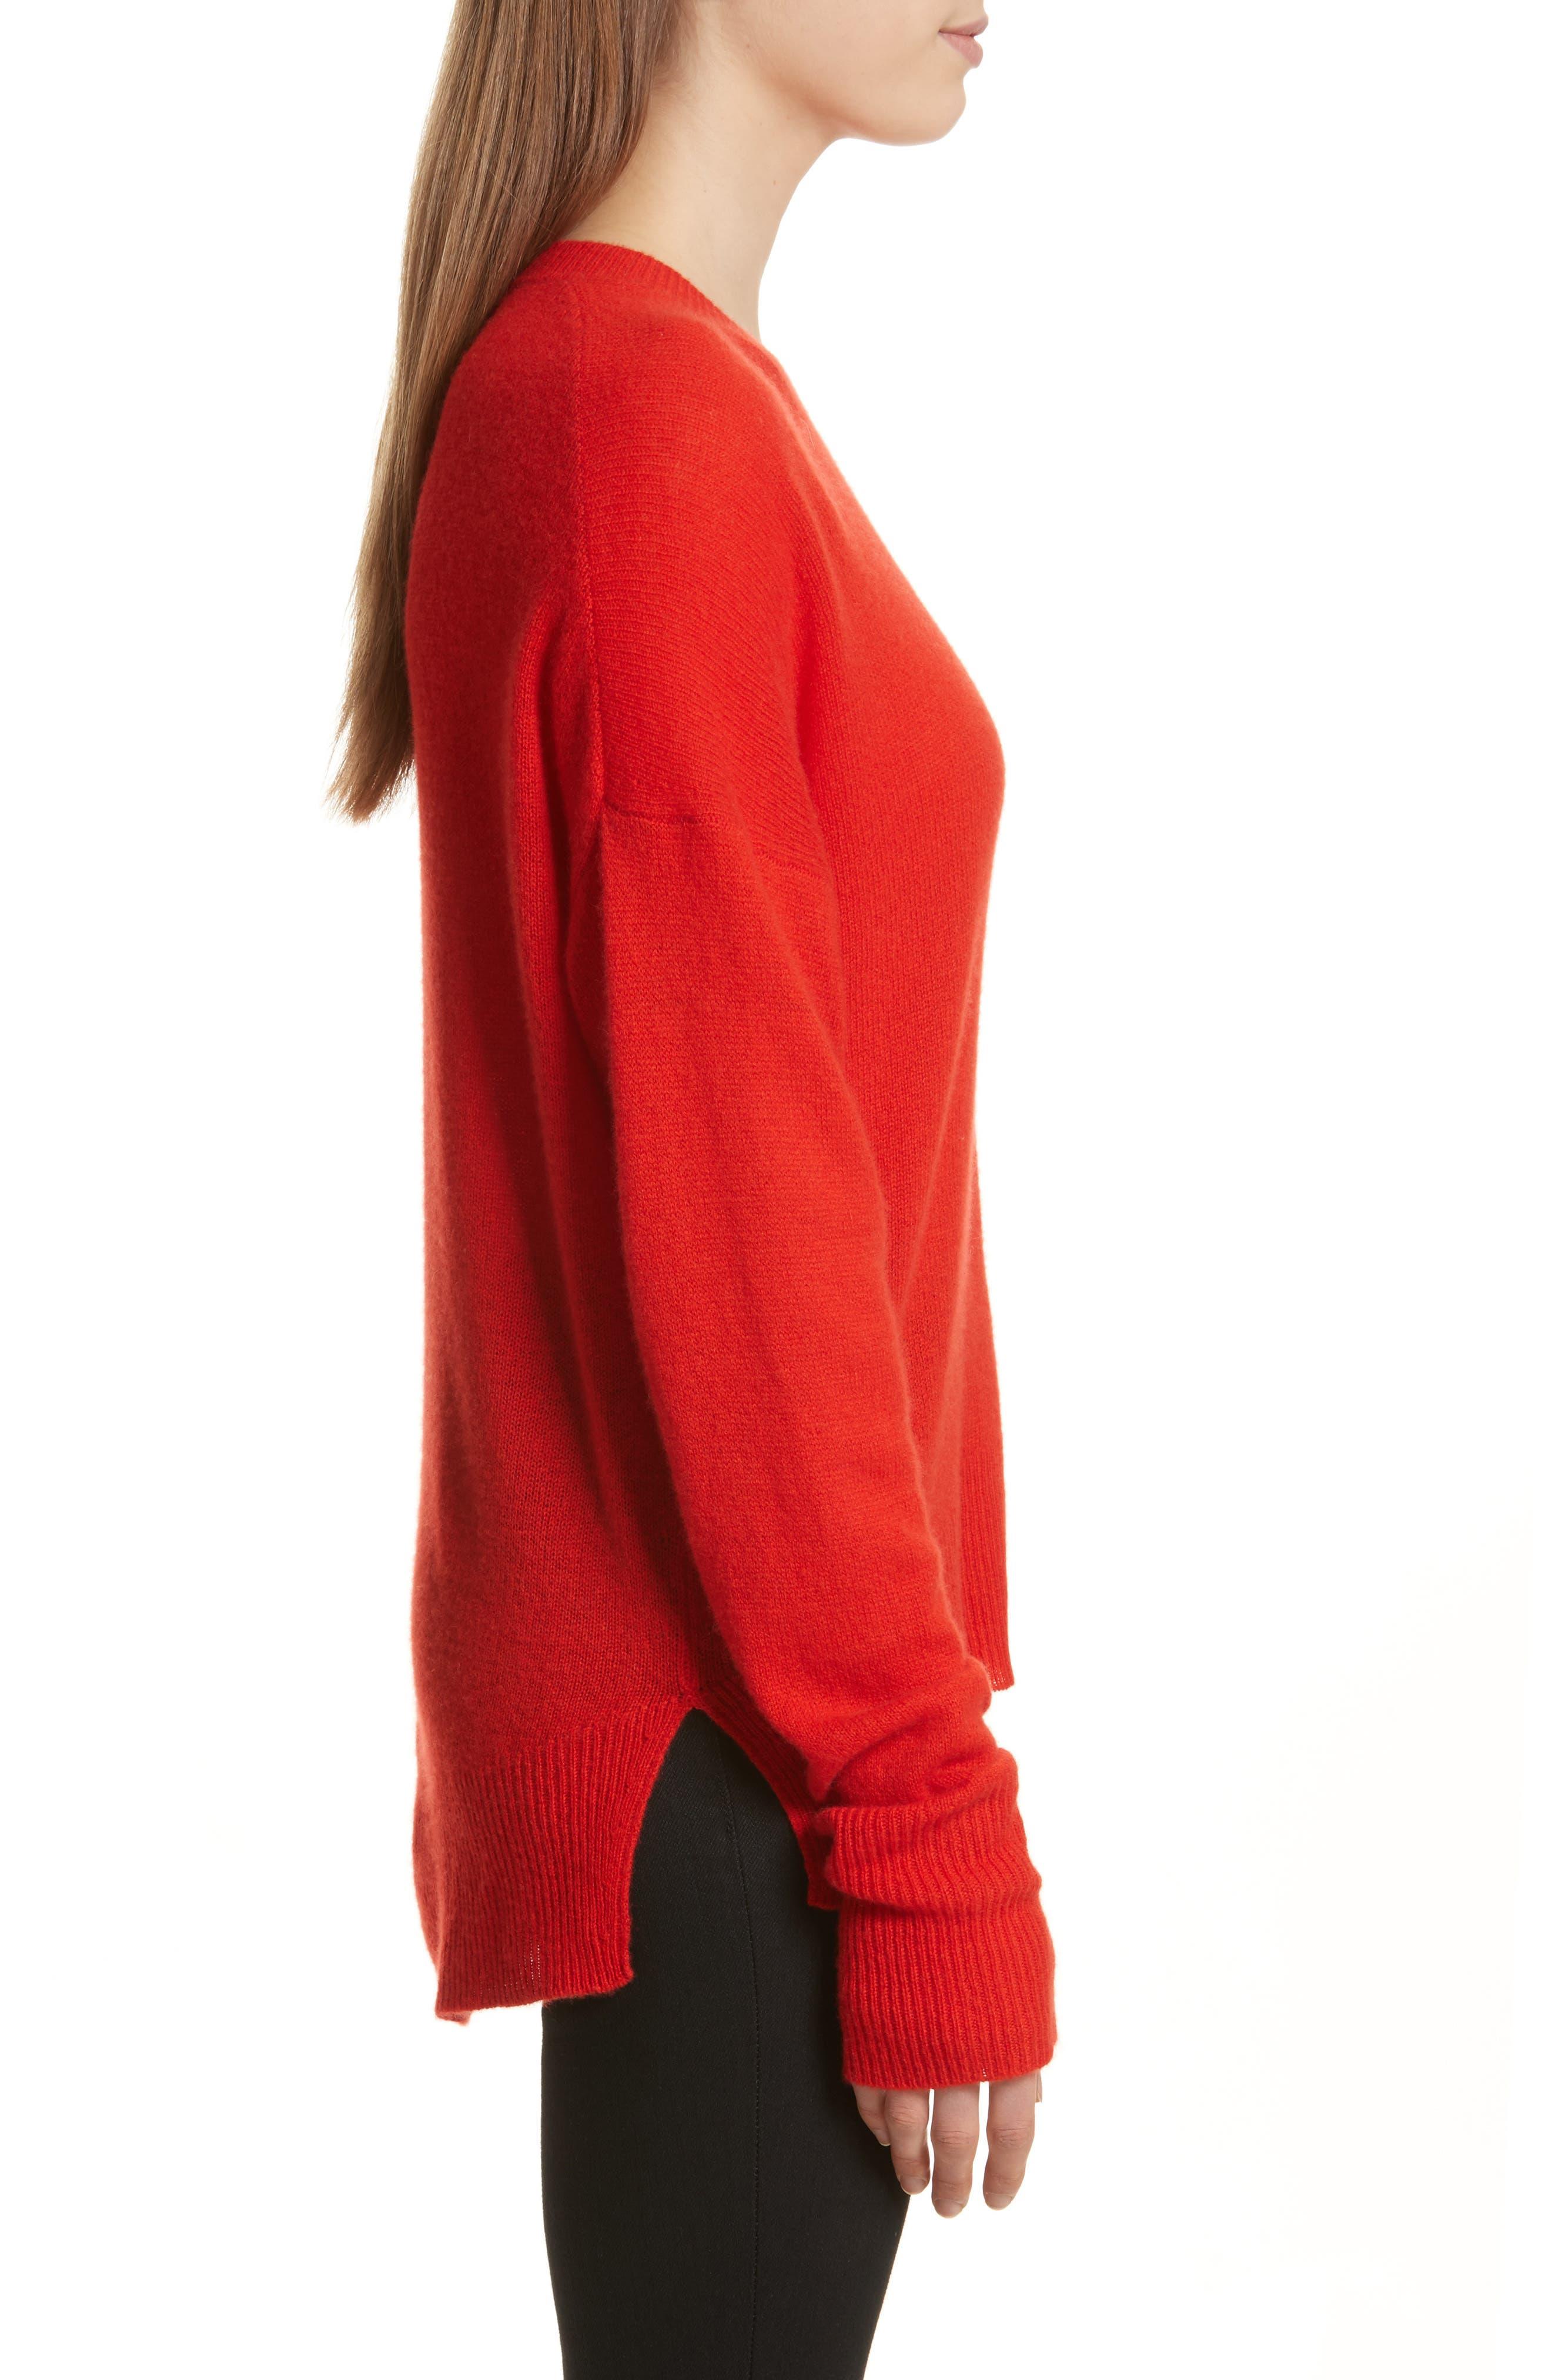 Karenia L Cashmere Sweater,                             Alternate thumbnail 12, color,